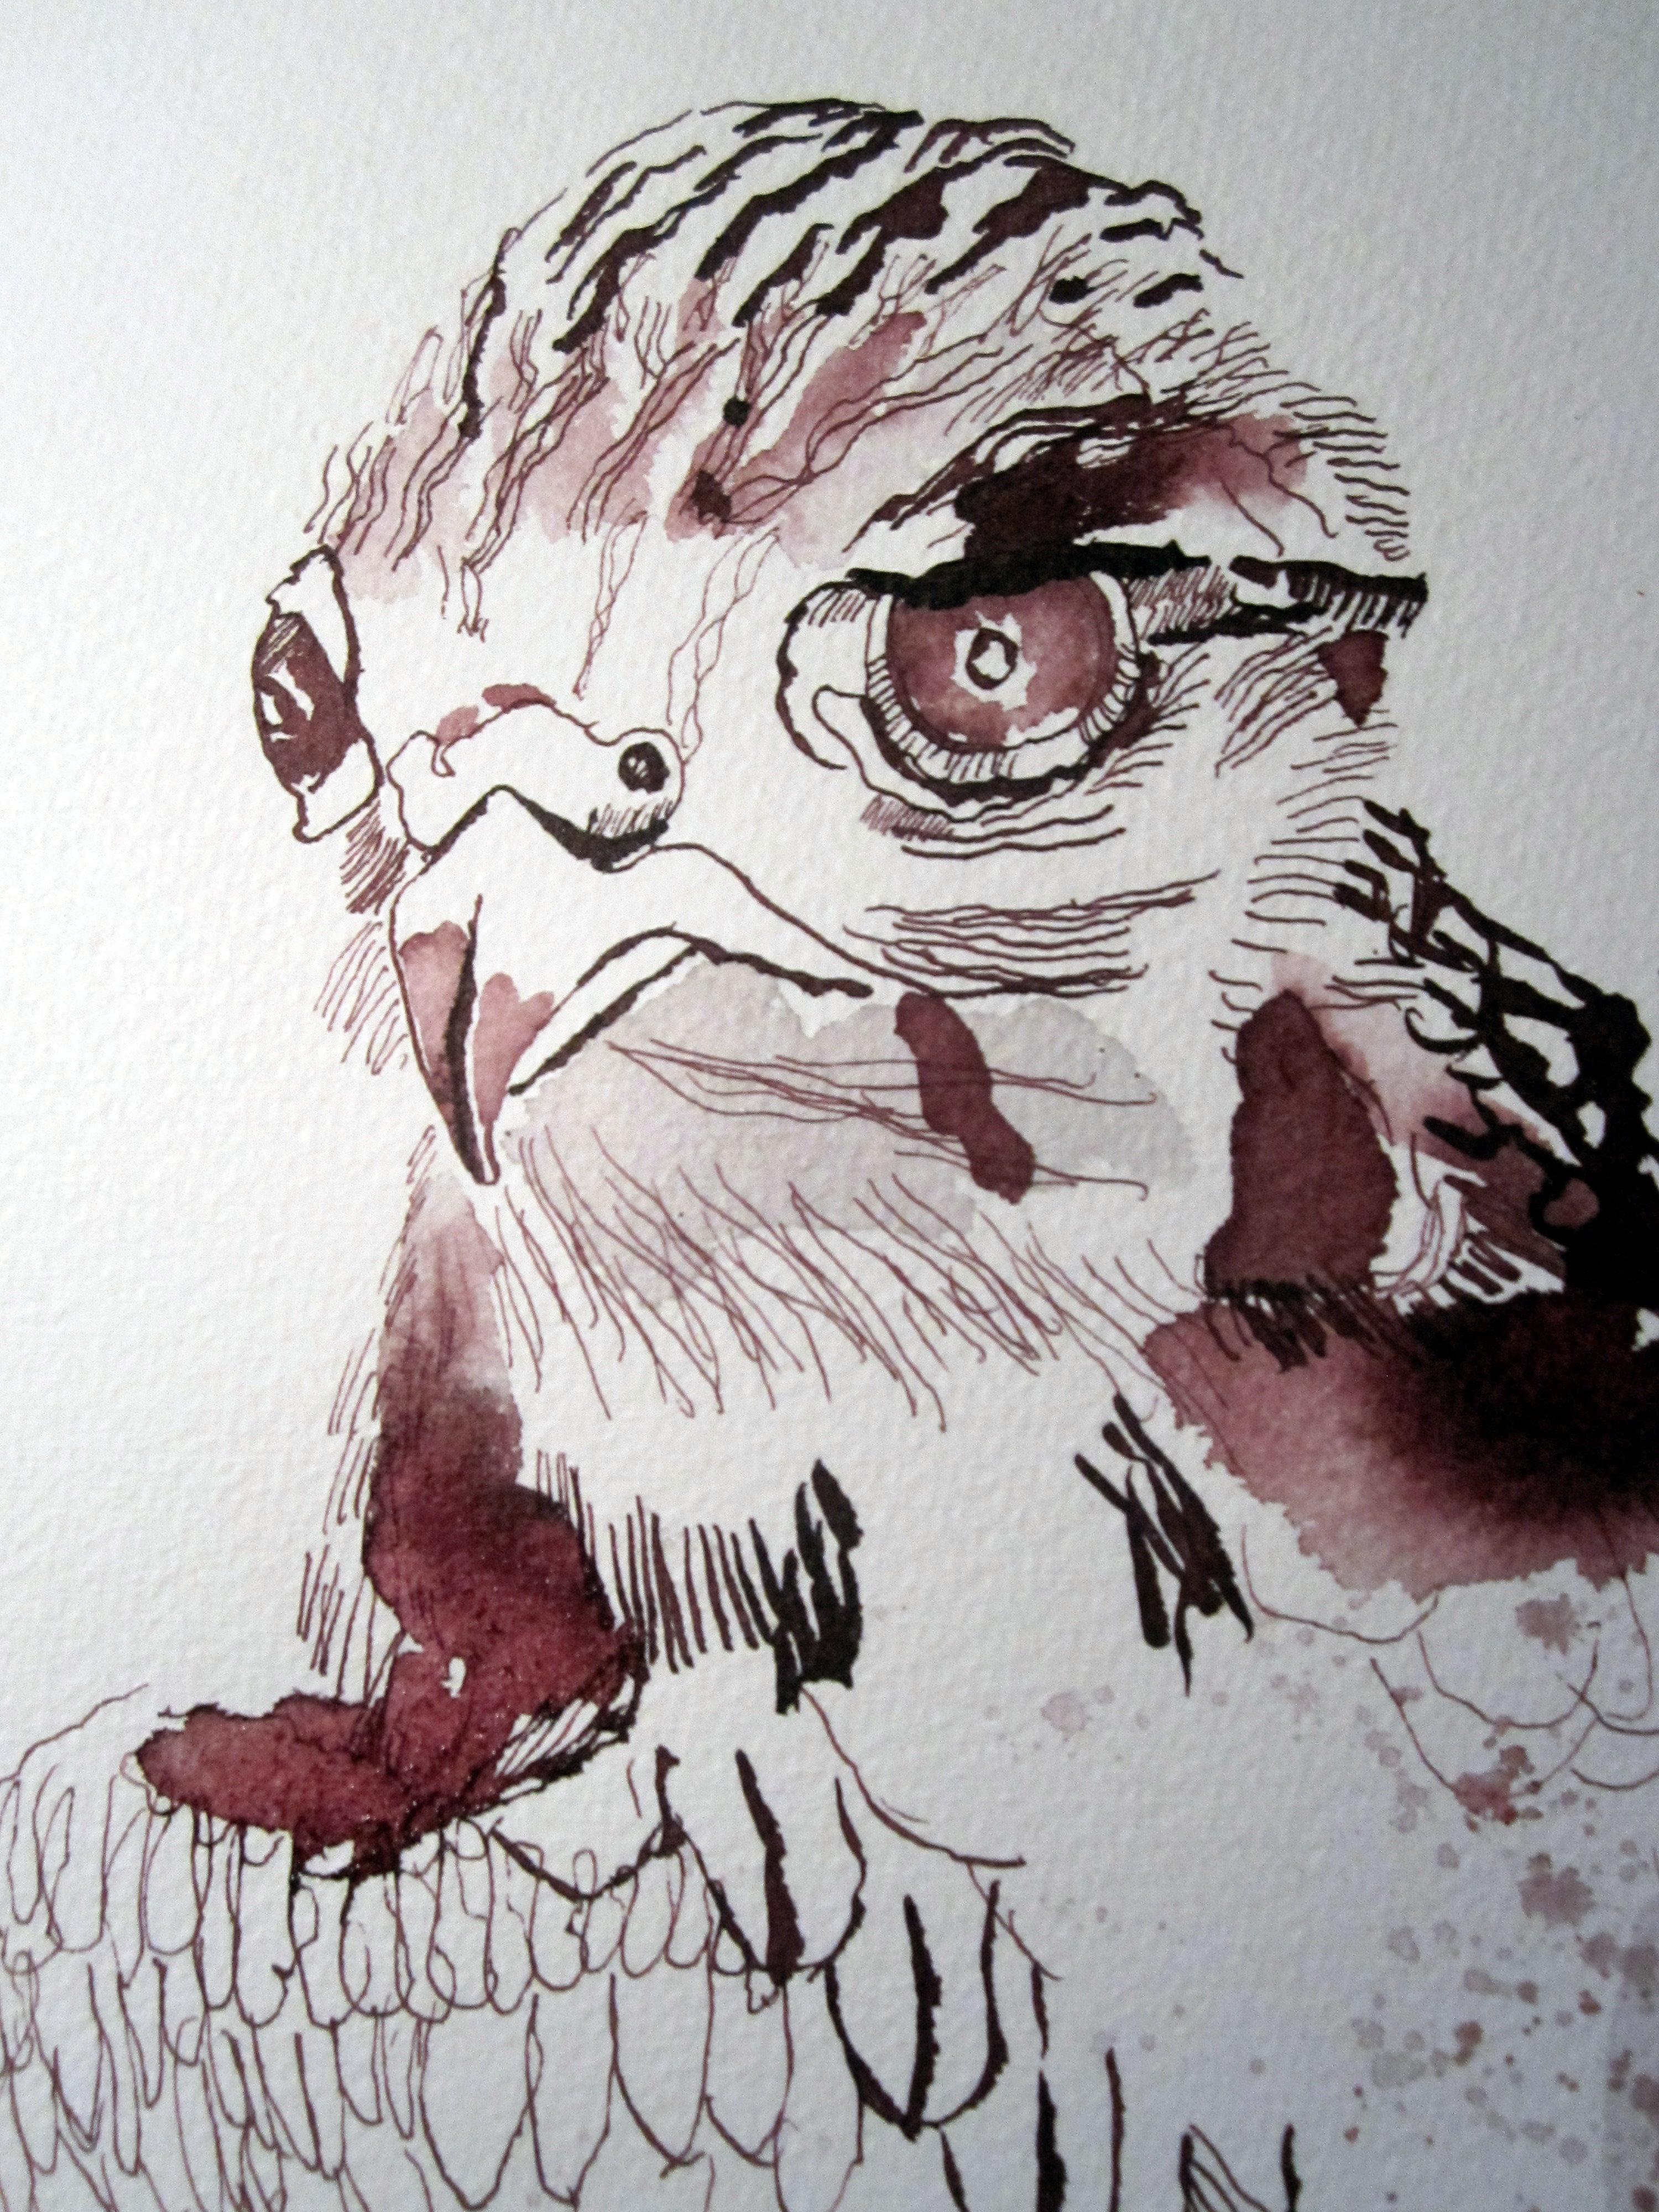 Kopf des Falkens - Zeichnung von Susanne Haun